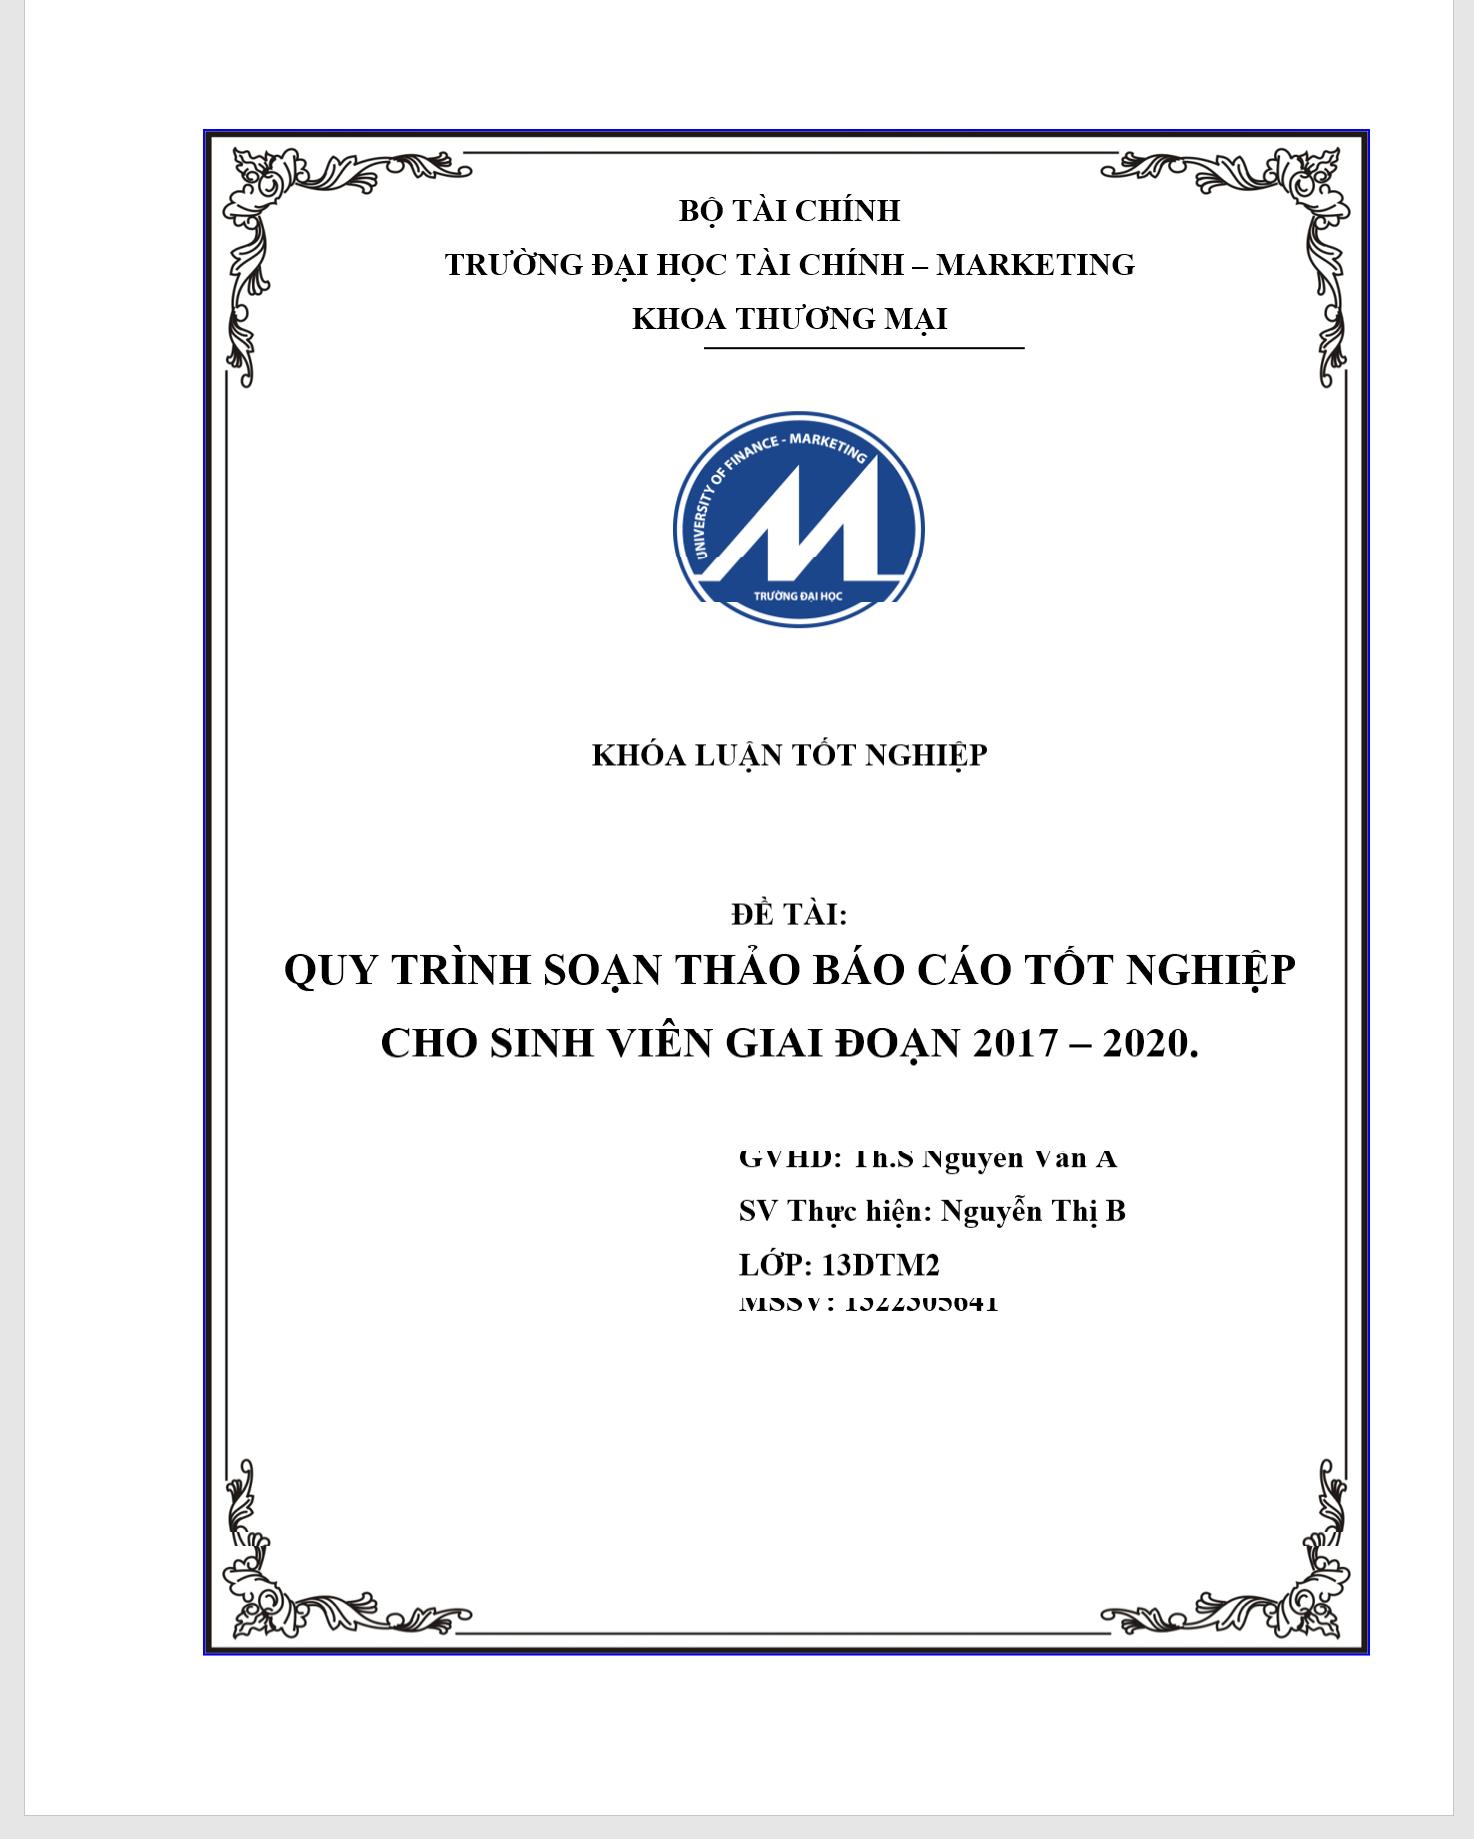 bìa báo cáo tốt nghiệp